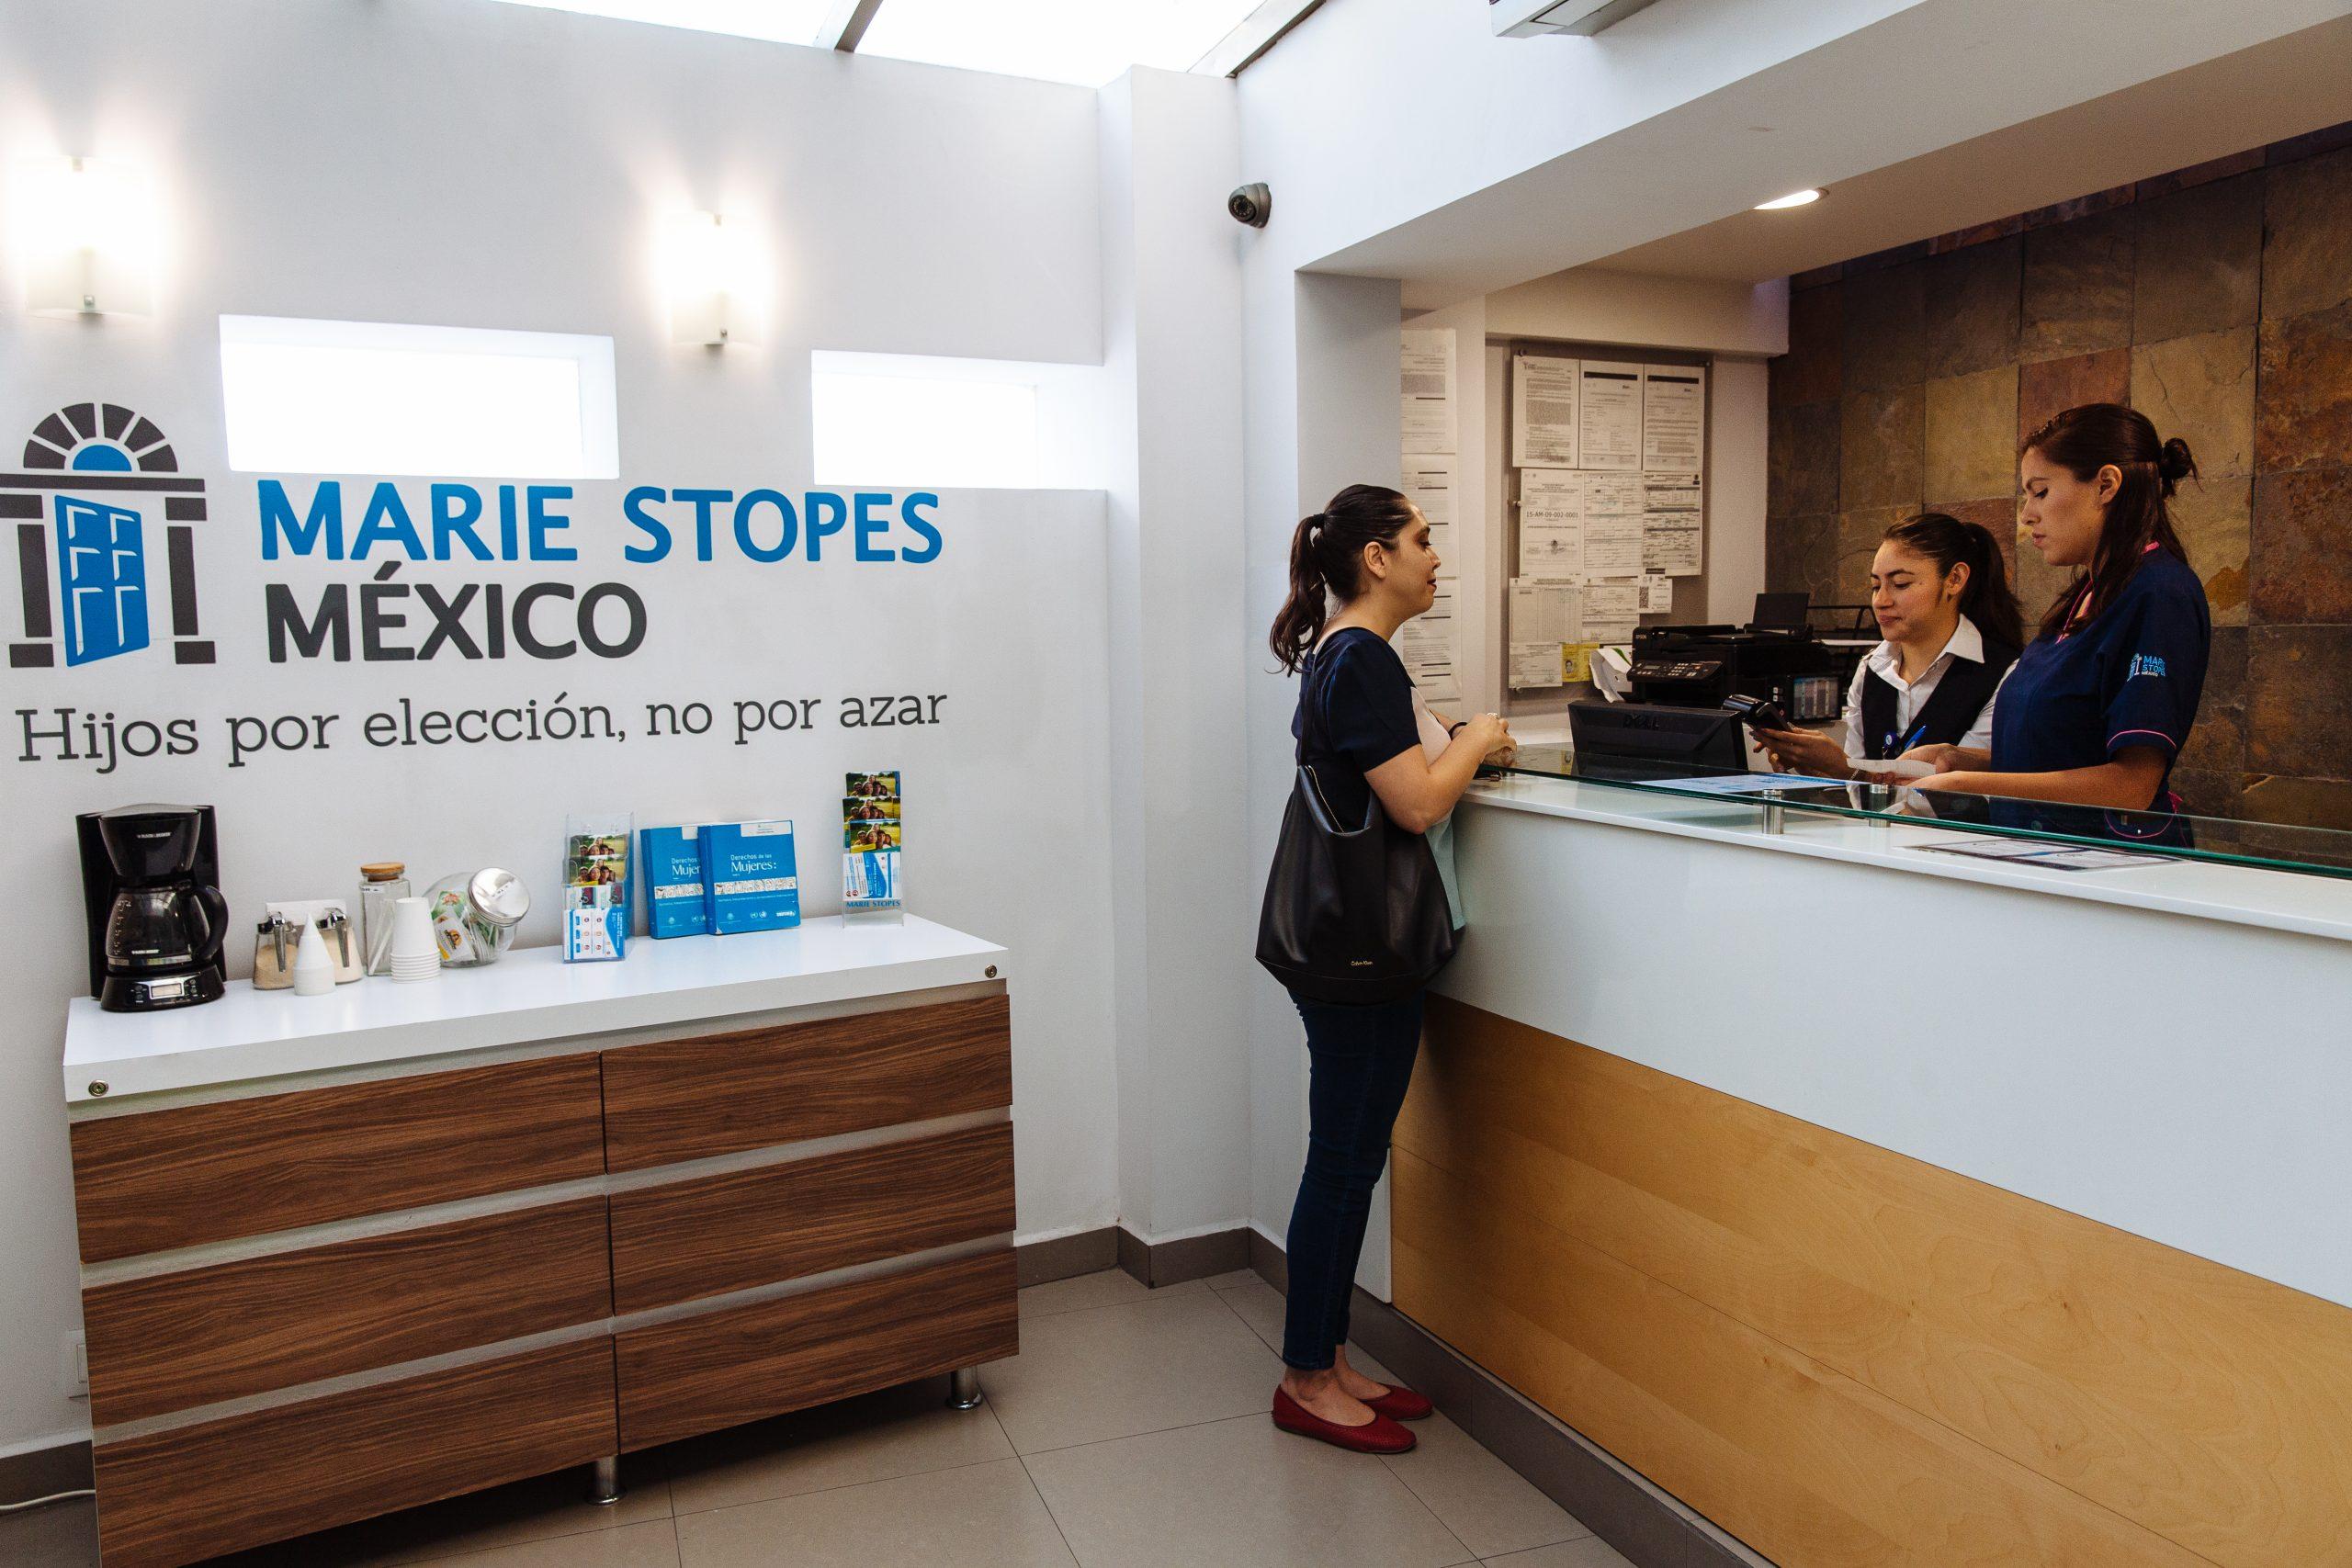 ¿Cómo elegir una clínica de aborto en México?